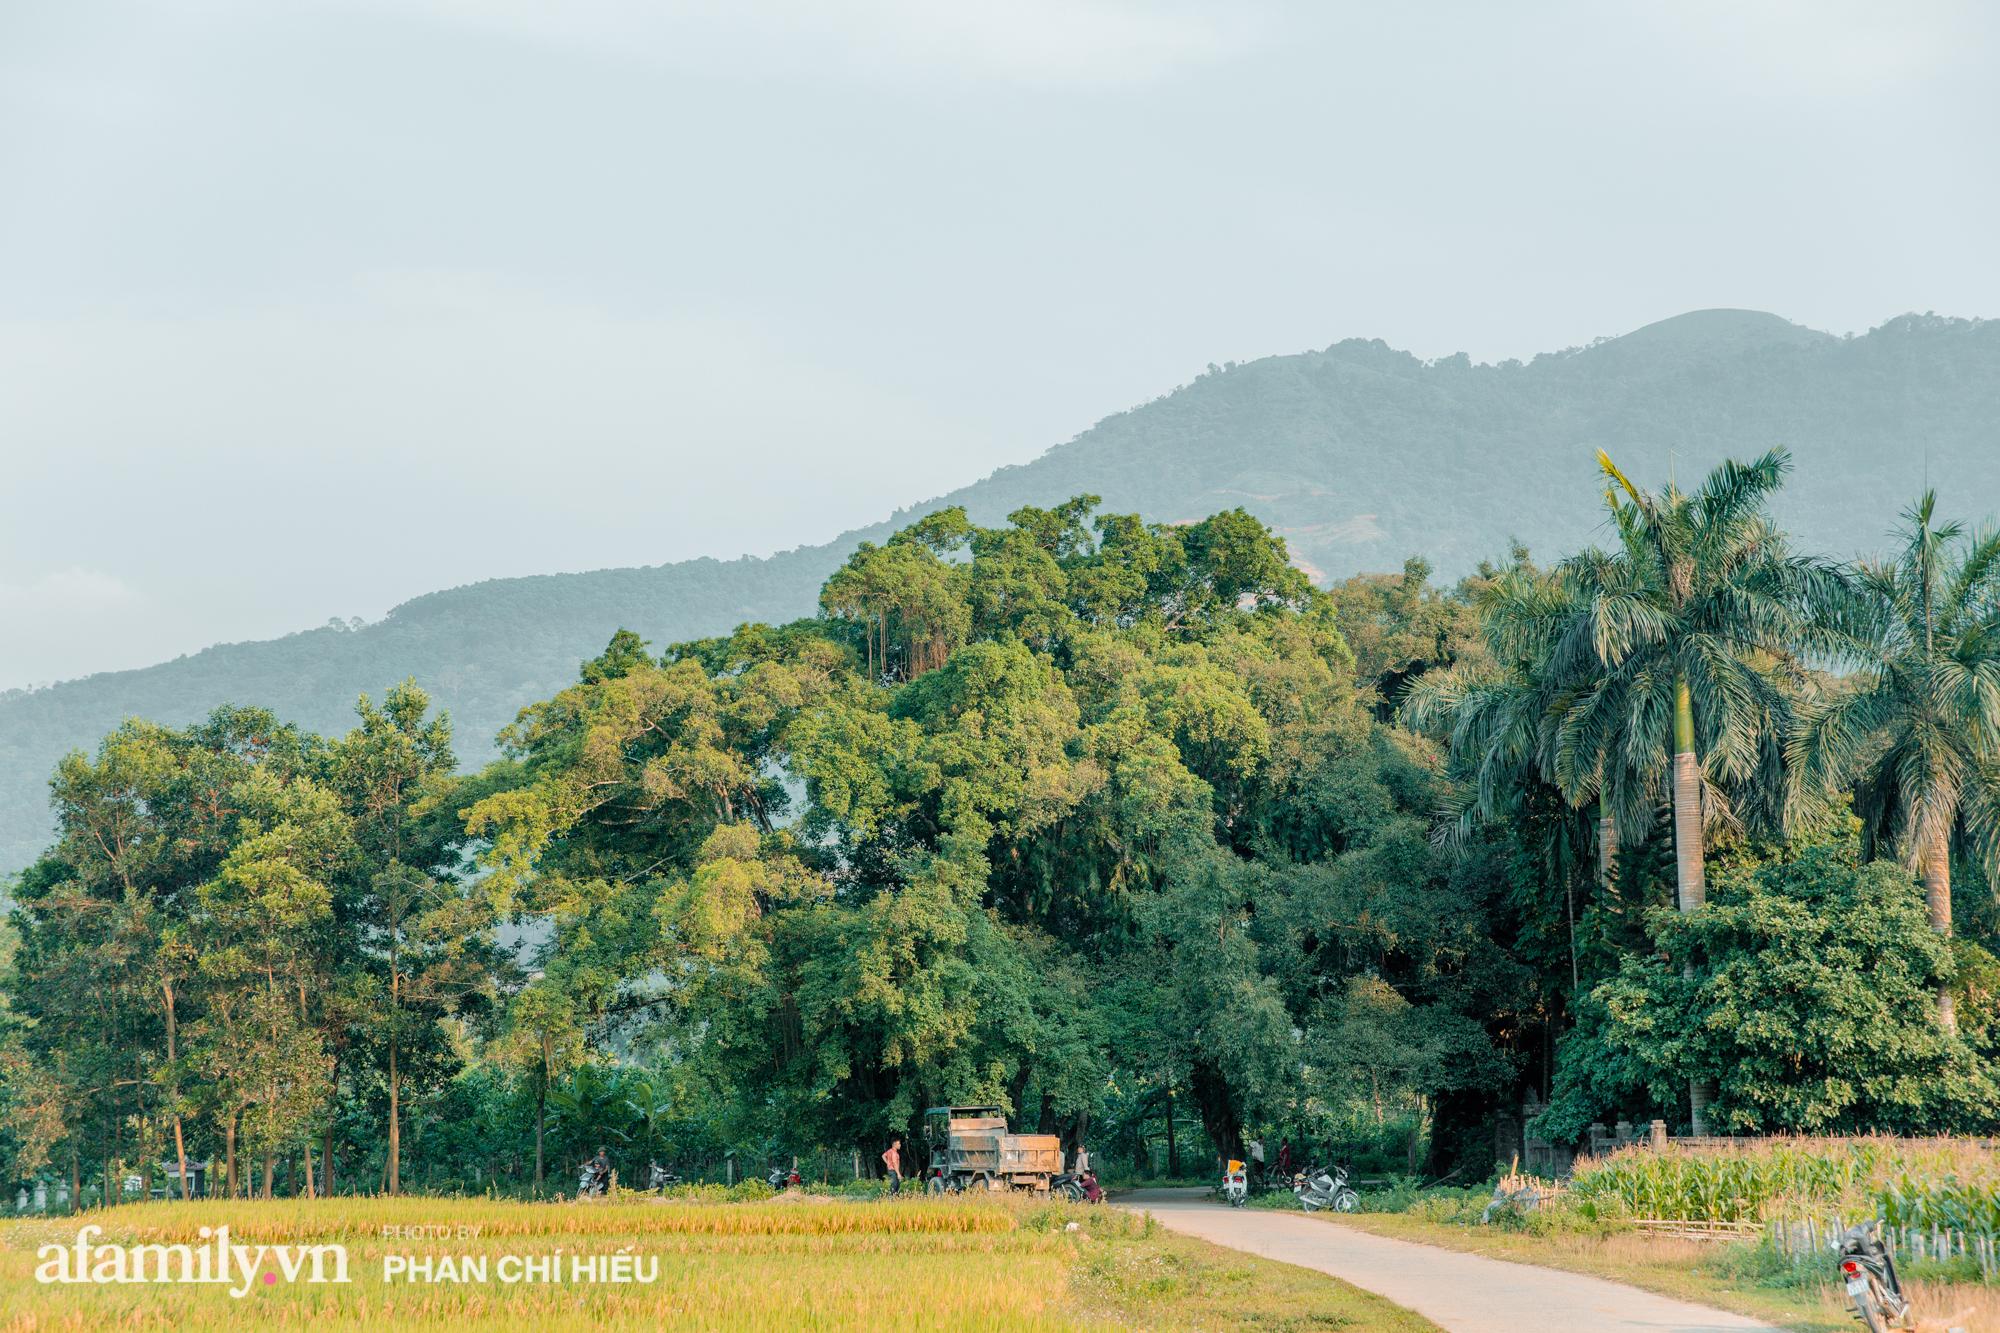 Ngôi làng độc nhất Việt Nam sở hữu chiếc cổng từ cây đại thu 800 năm tuổi, từng là bối cảnh cực ấn tượng trong những bộ phim về làng quê Việt Nam - Ảnh 9.